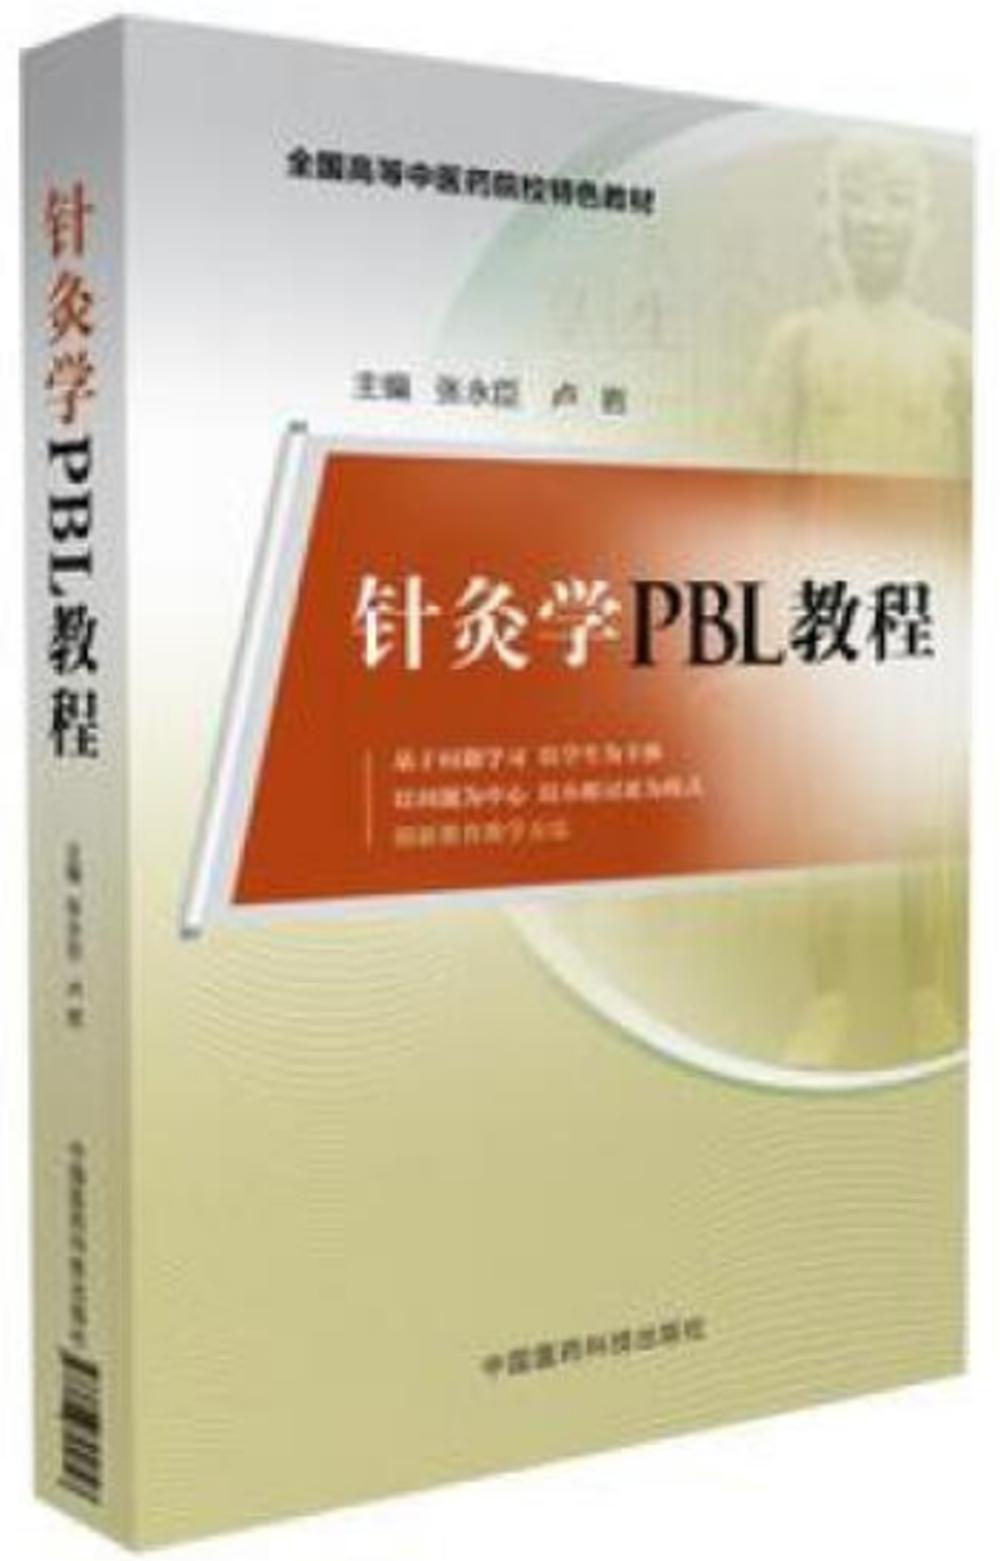 針灸學PBL教程